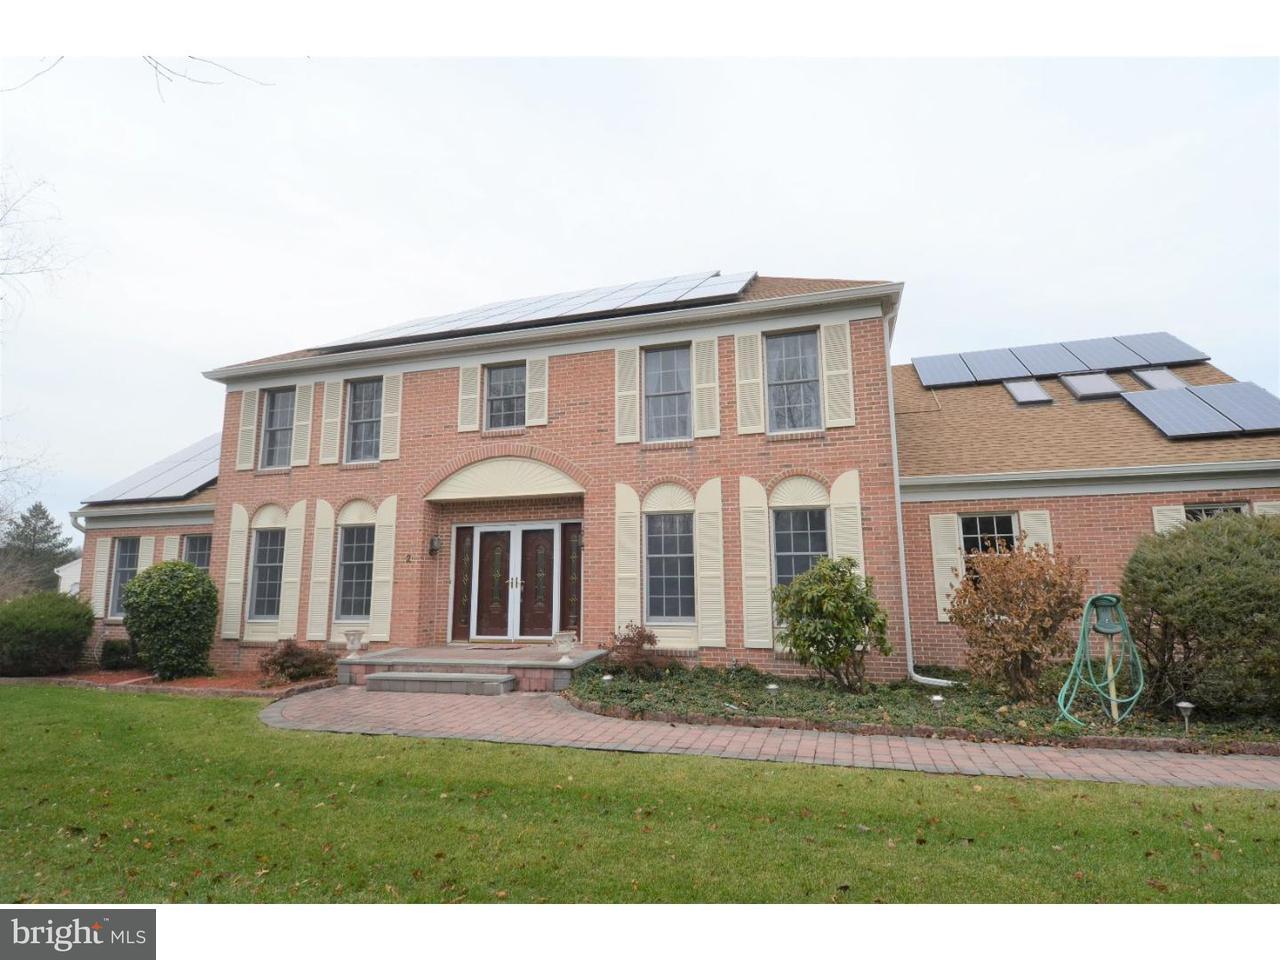 独户住宅 为 出租 在 2 ALDRICH WAY 西温莎, 新泽西州 08550 美国在/周边: W Windsor Township